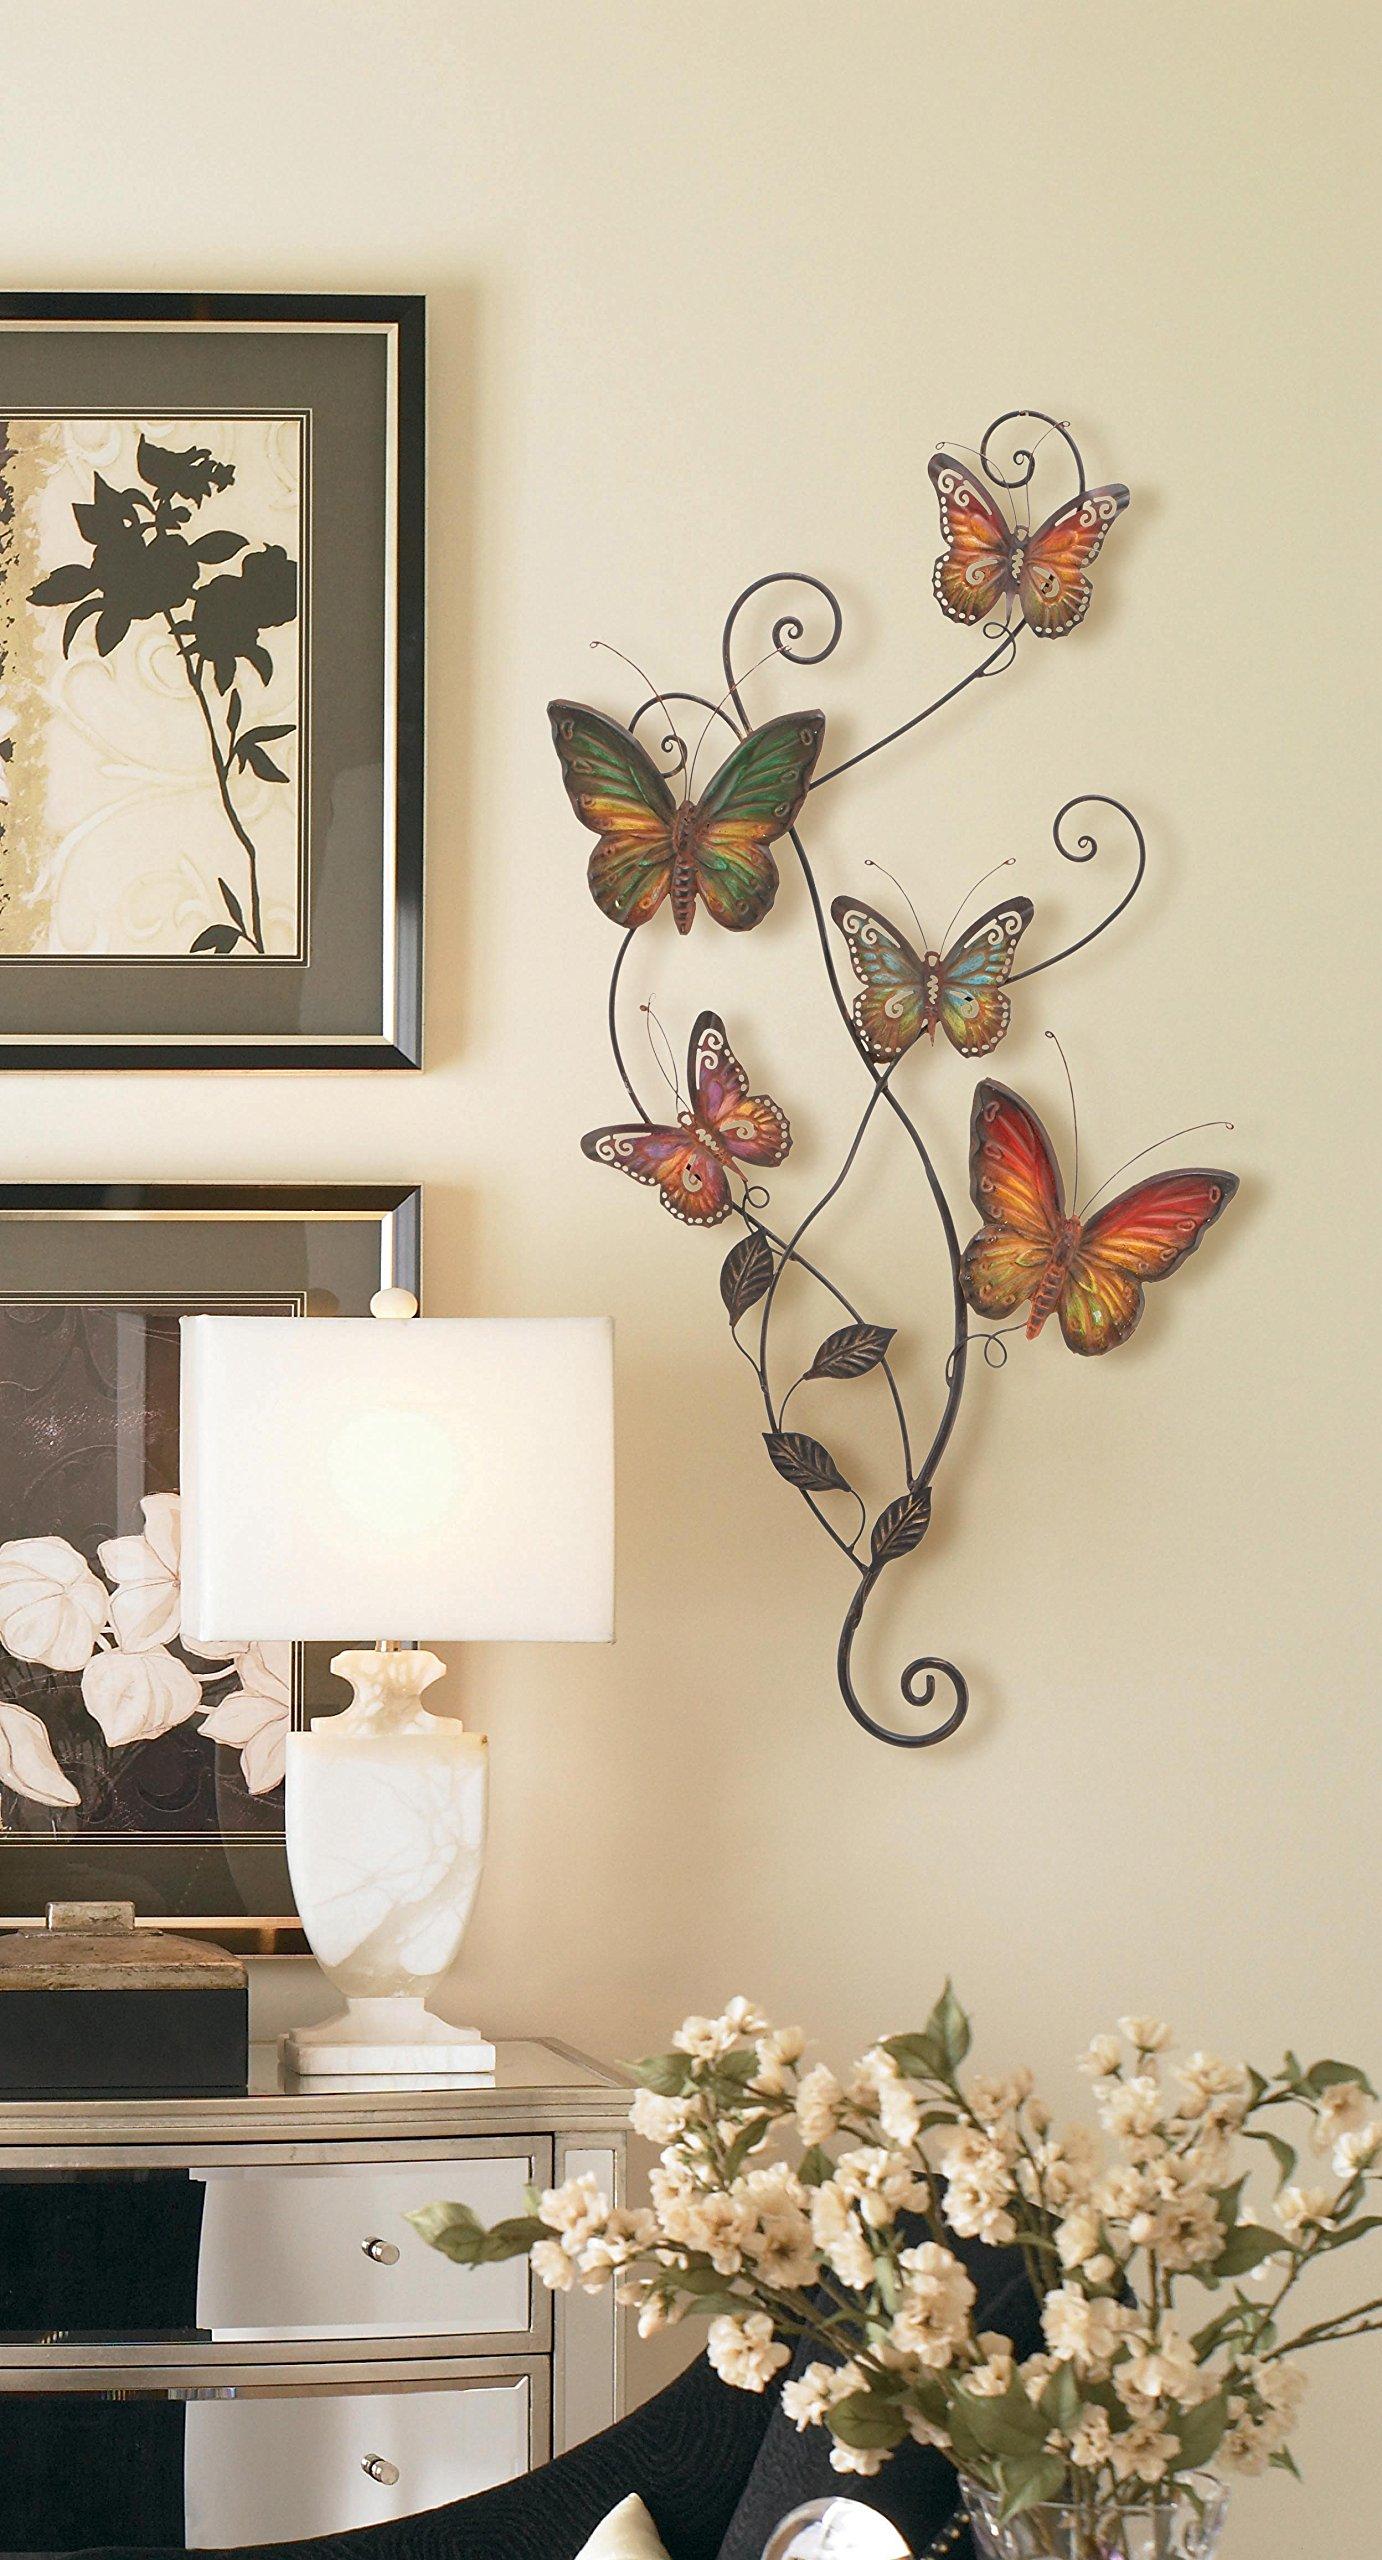 Metal Wall Decor Butterfly Sculpture 29x15